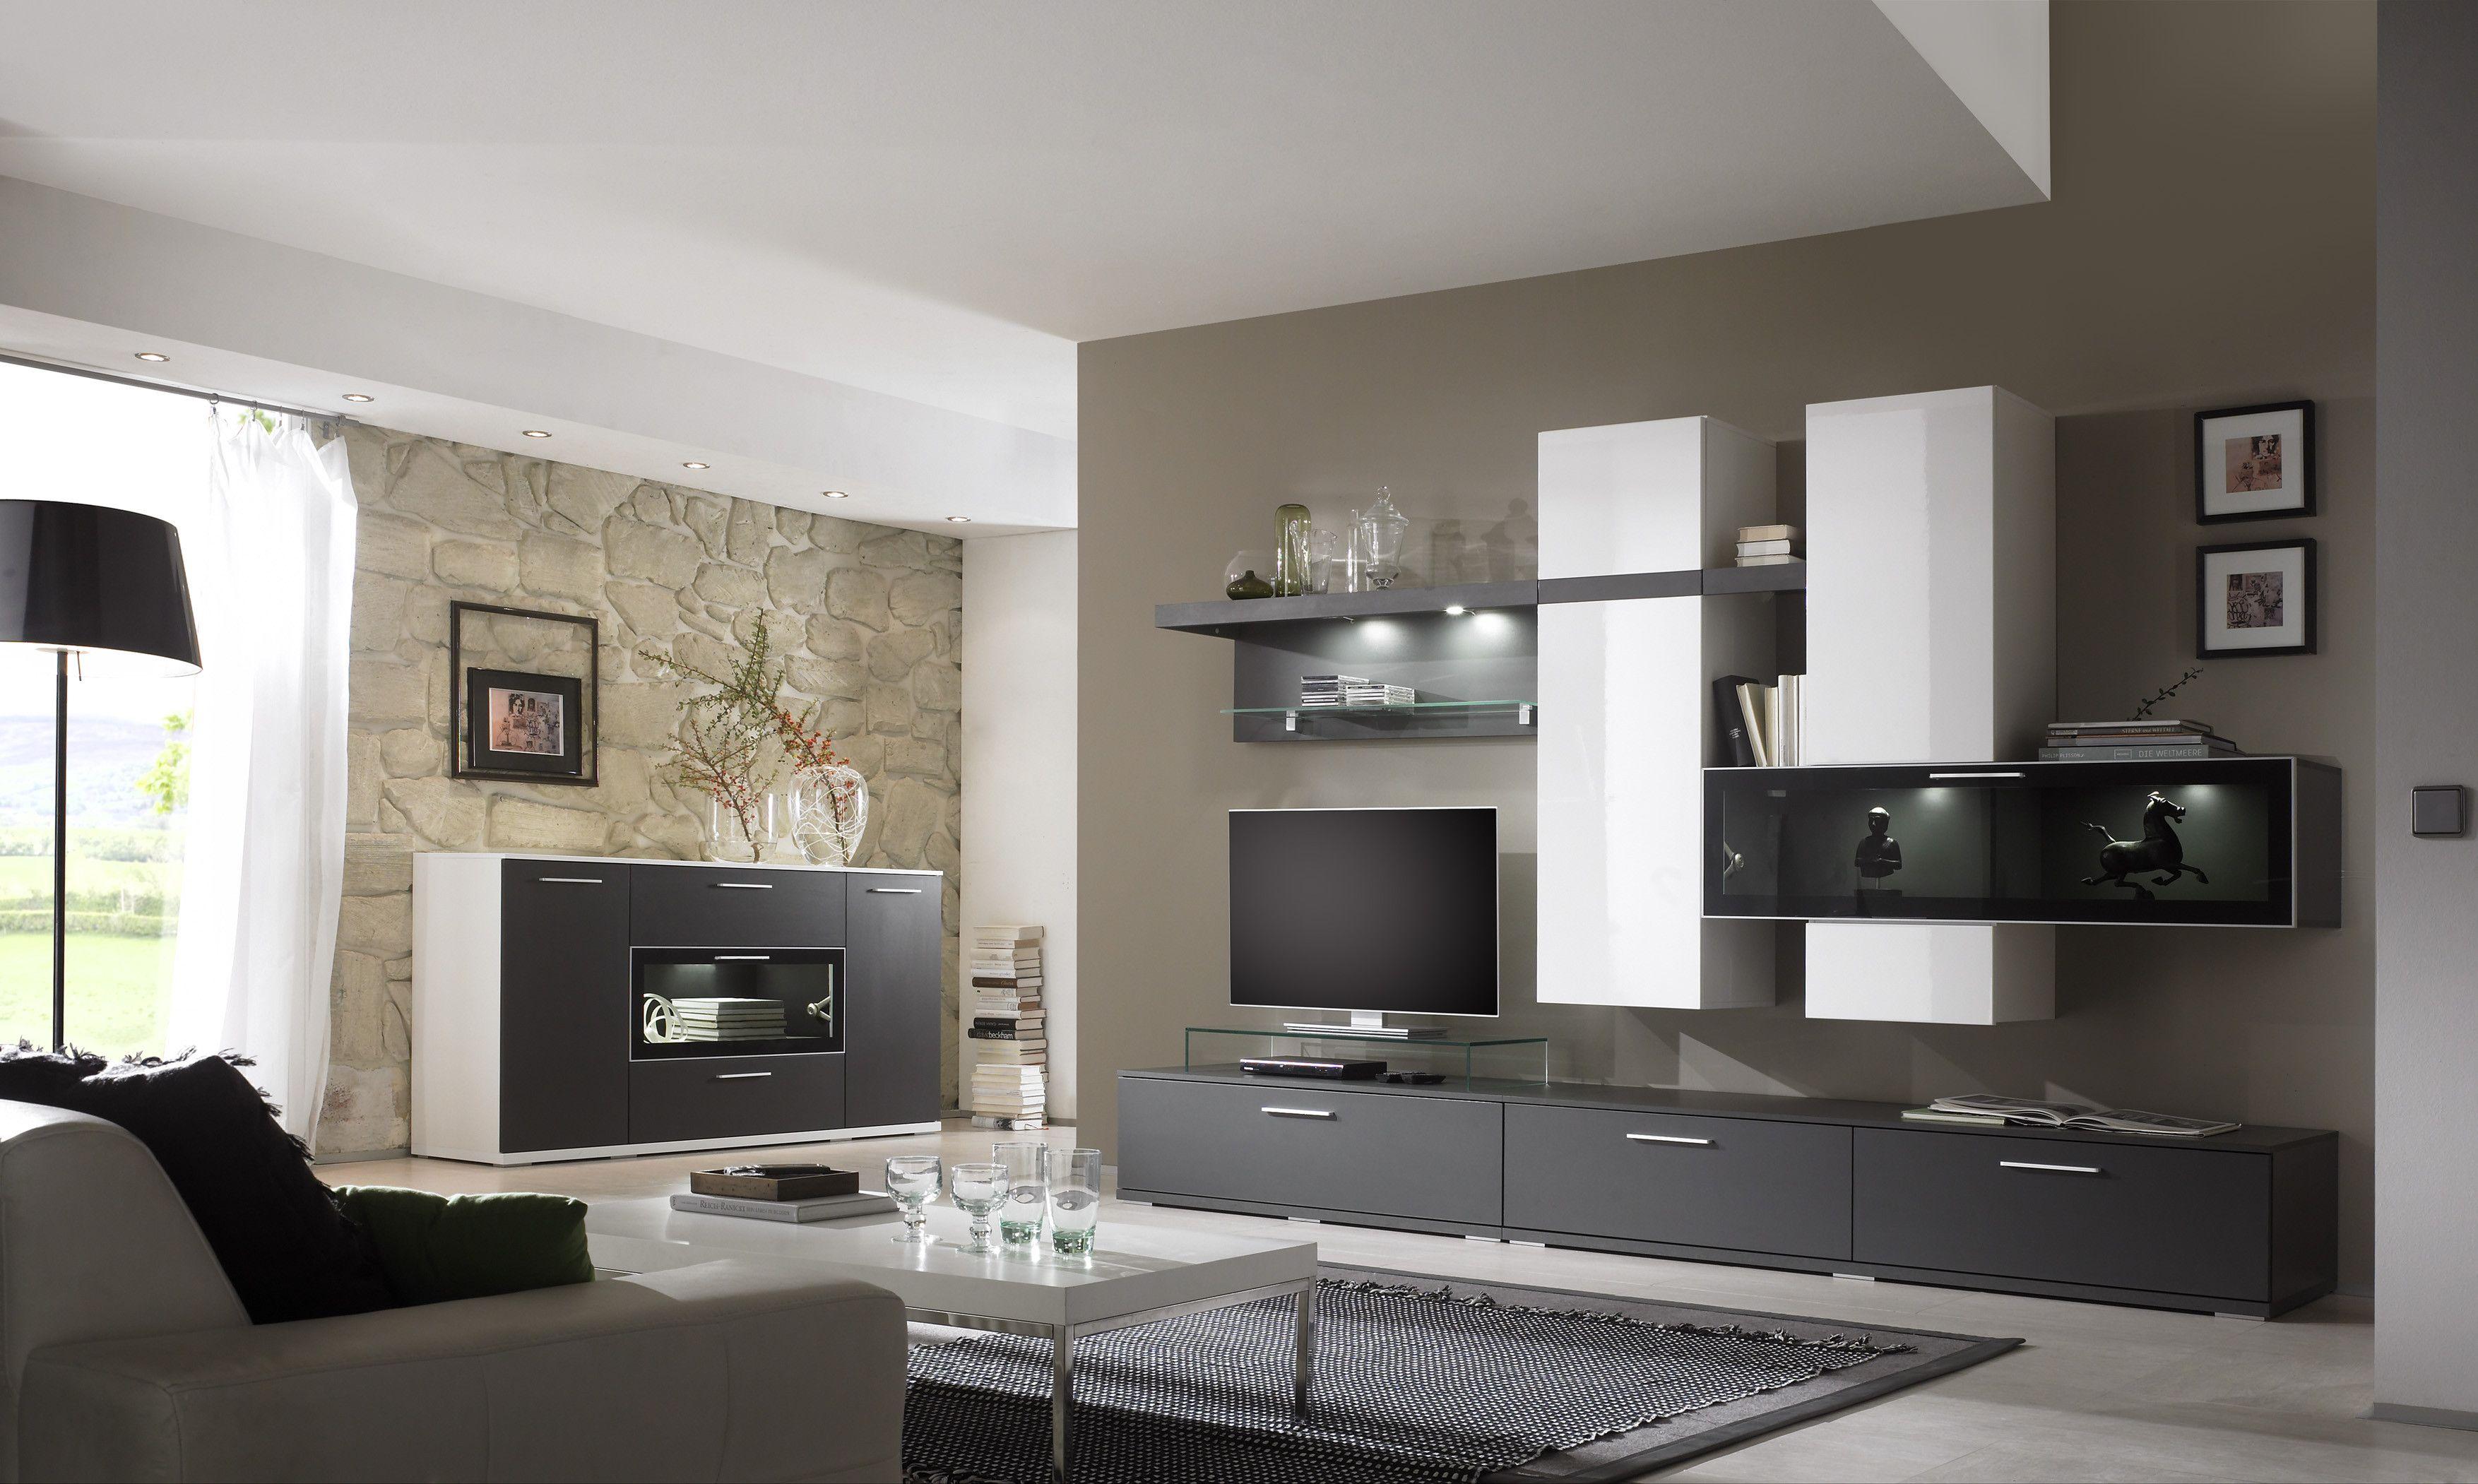 Moderne Bilder Wohnzimmer amuda